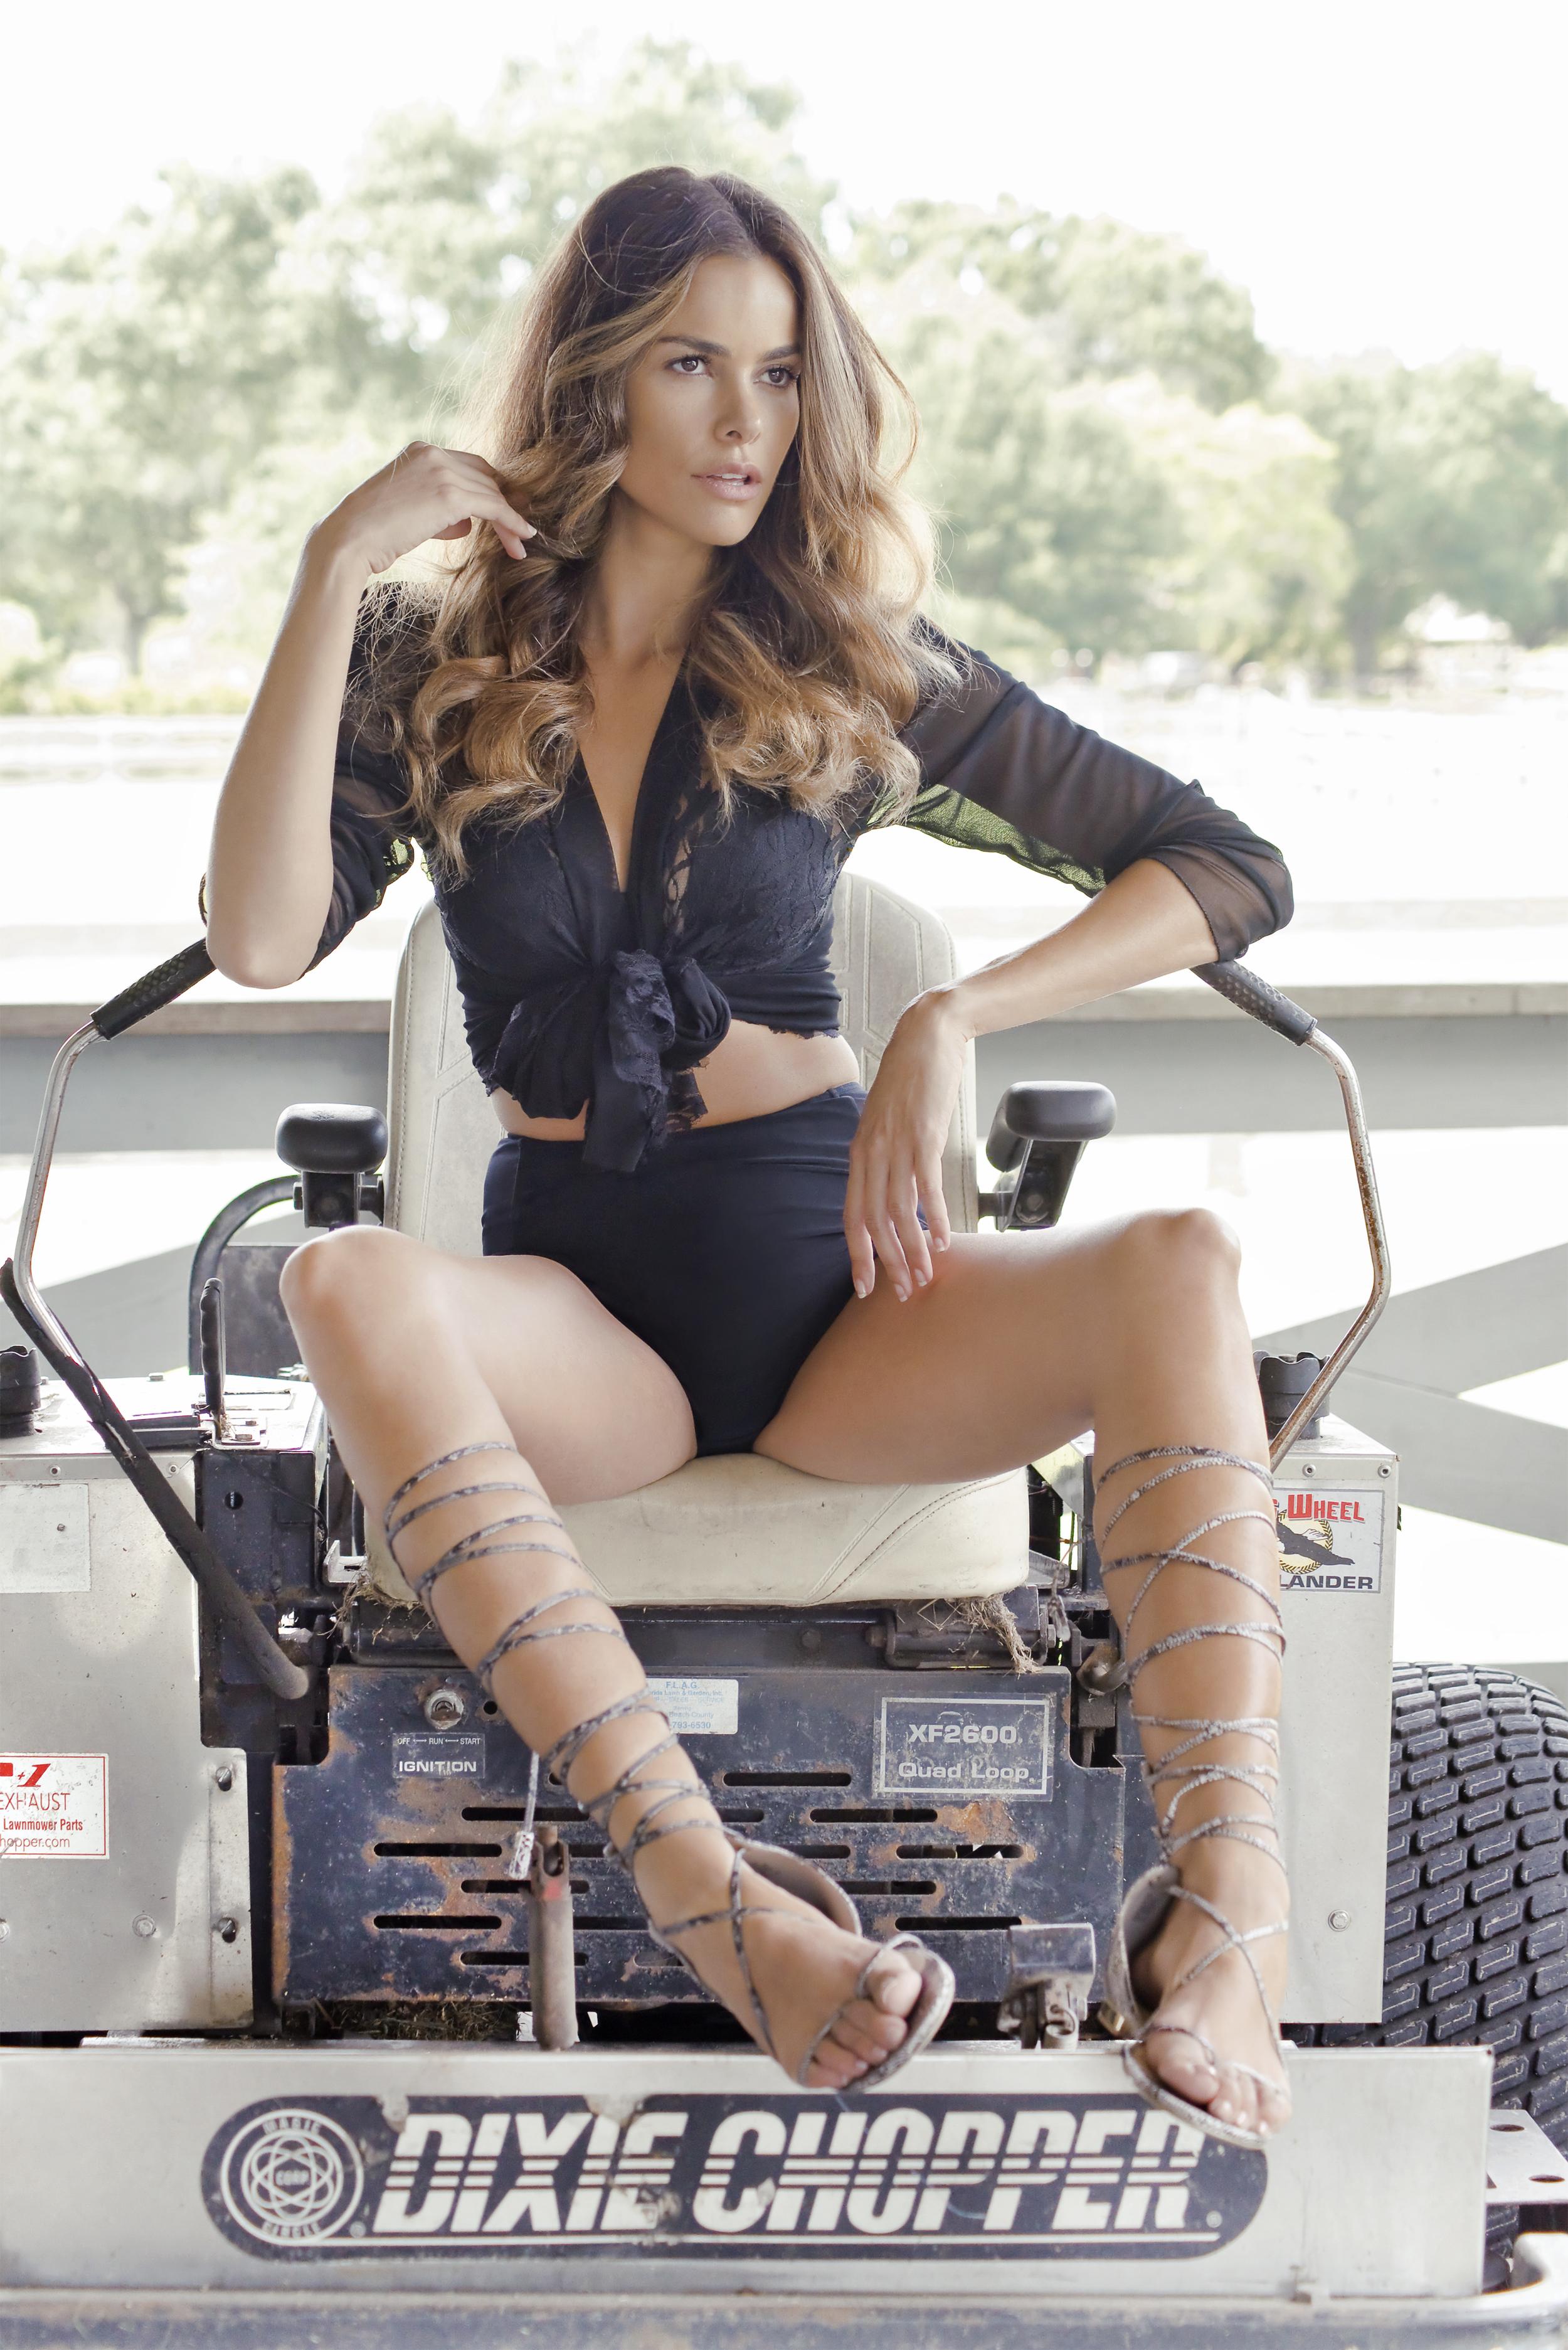 Dixie girl.jpg